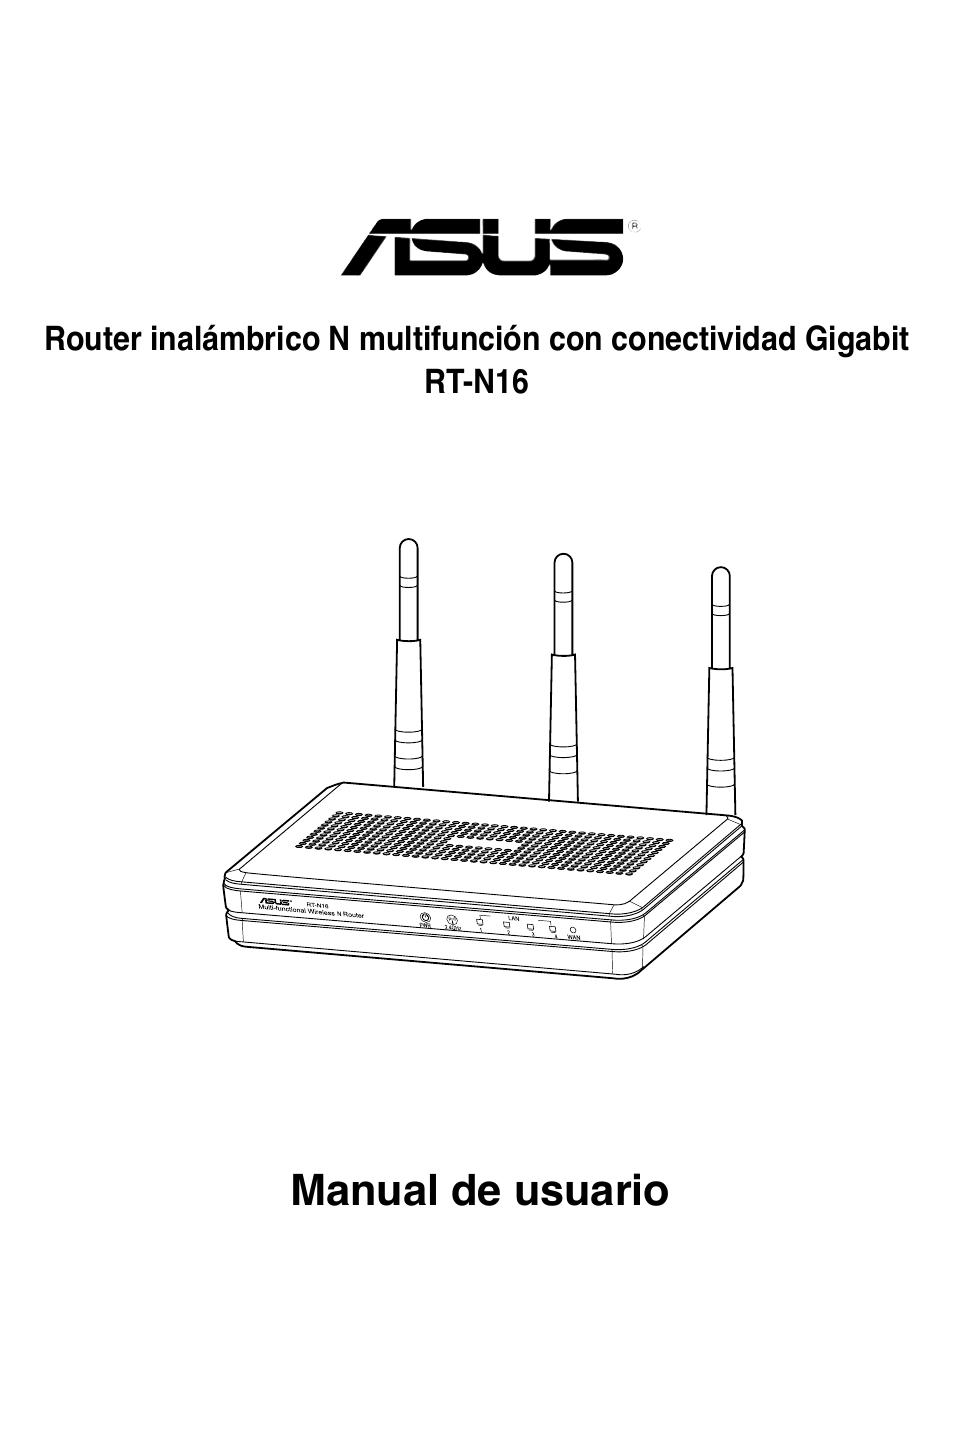 asus rt n16 manual del usuario p ginas 66 rh pdfmanuales com asus dsl-n16 user manual asus dsl-n16 manual pdf